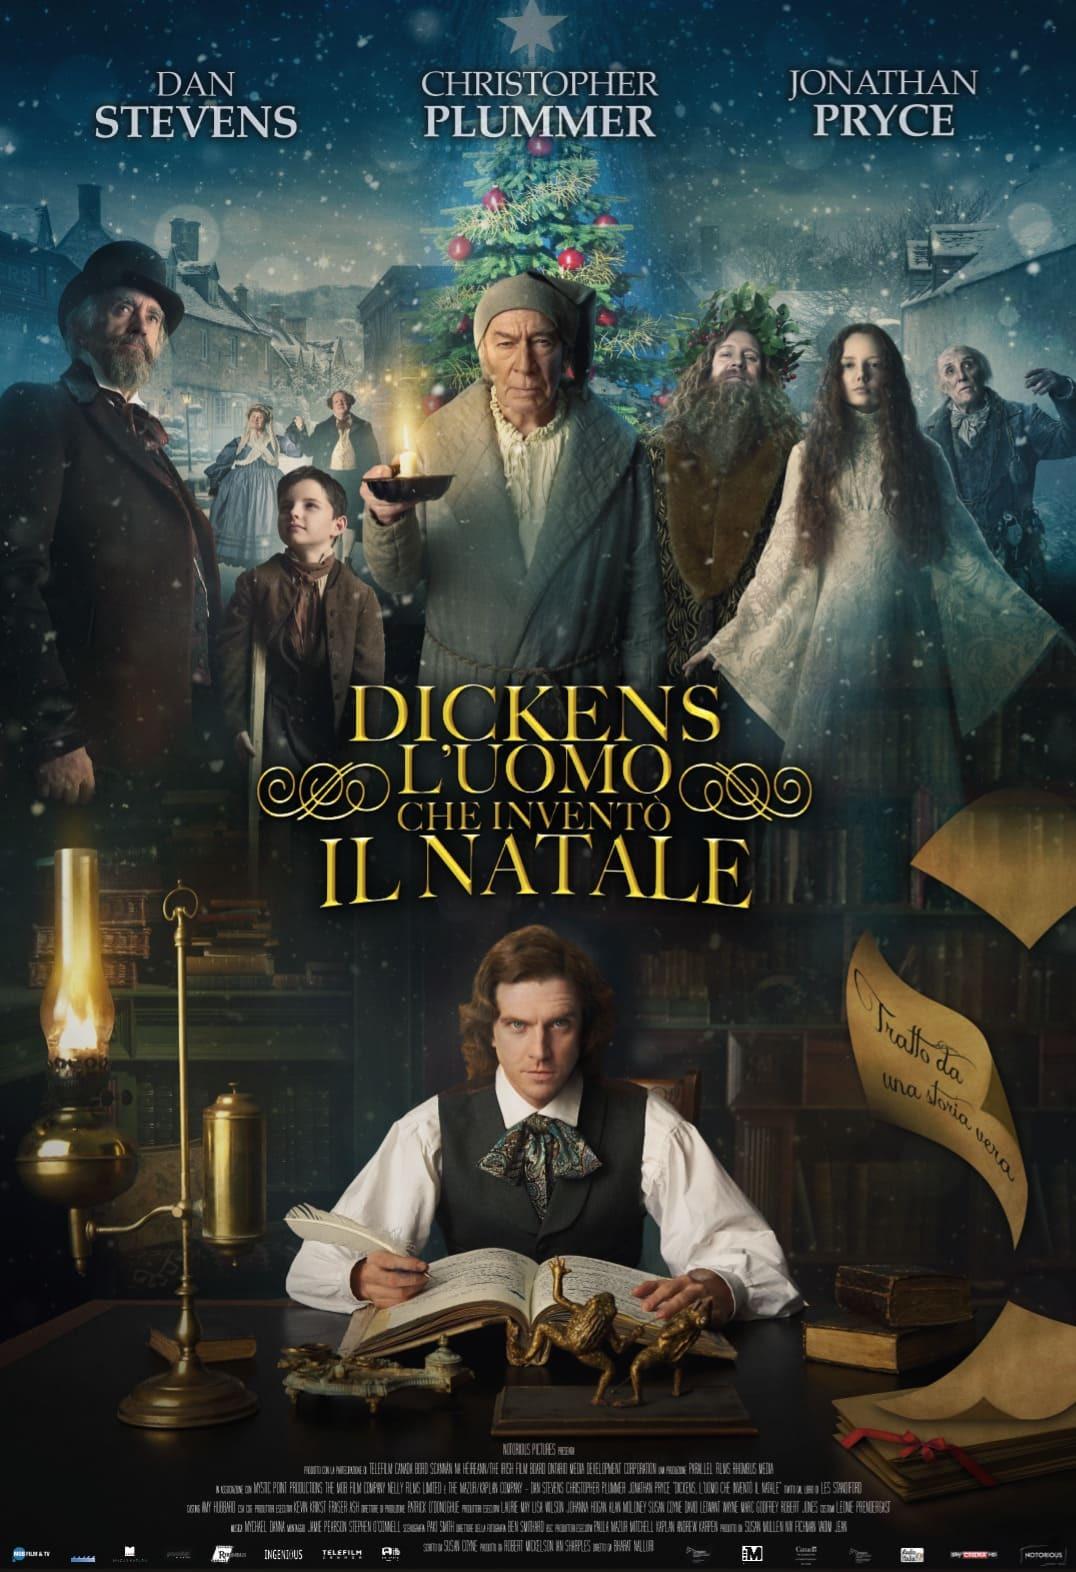 Dickens - L'uomo che inventò il Natale